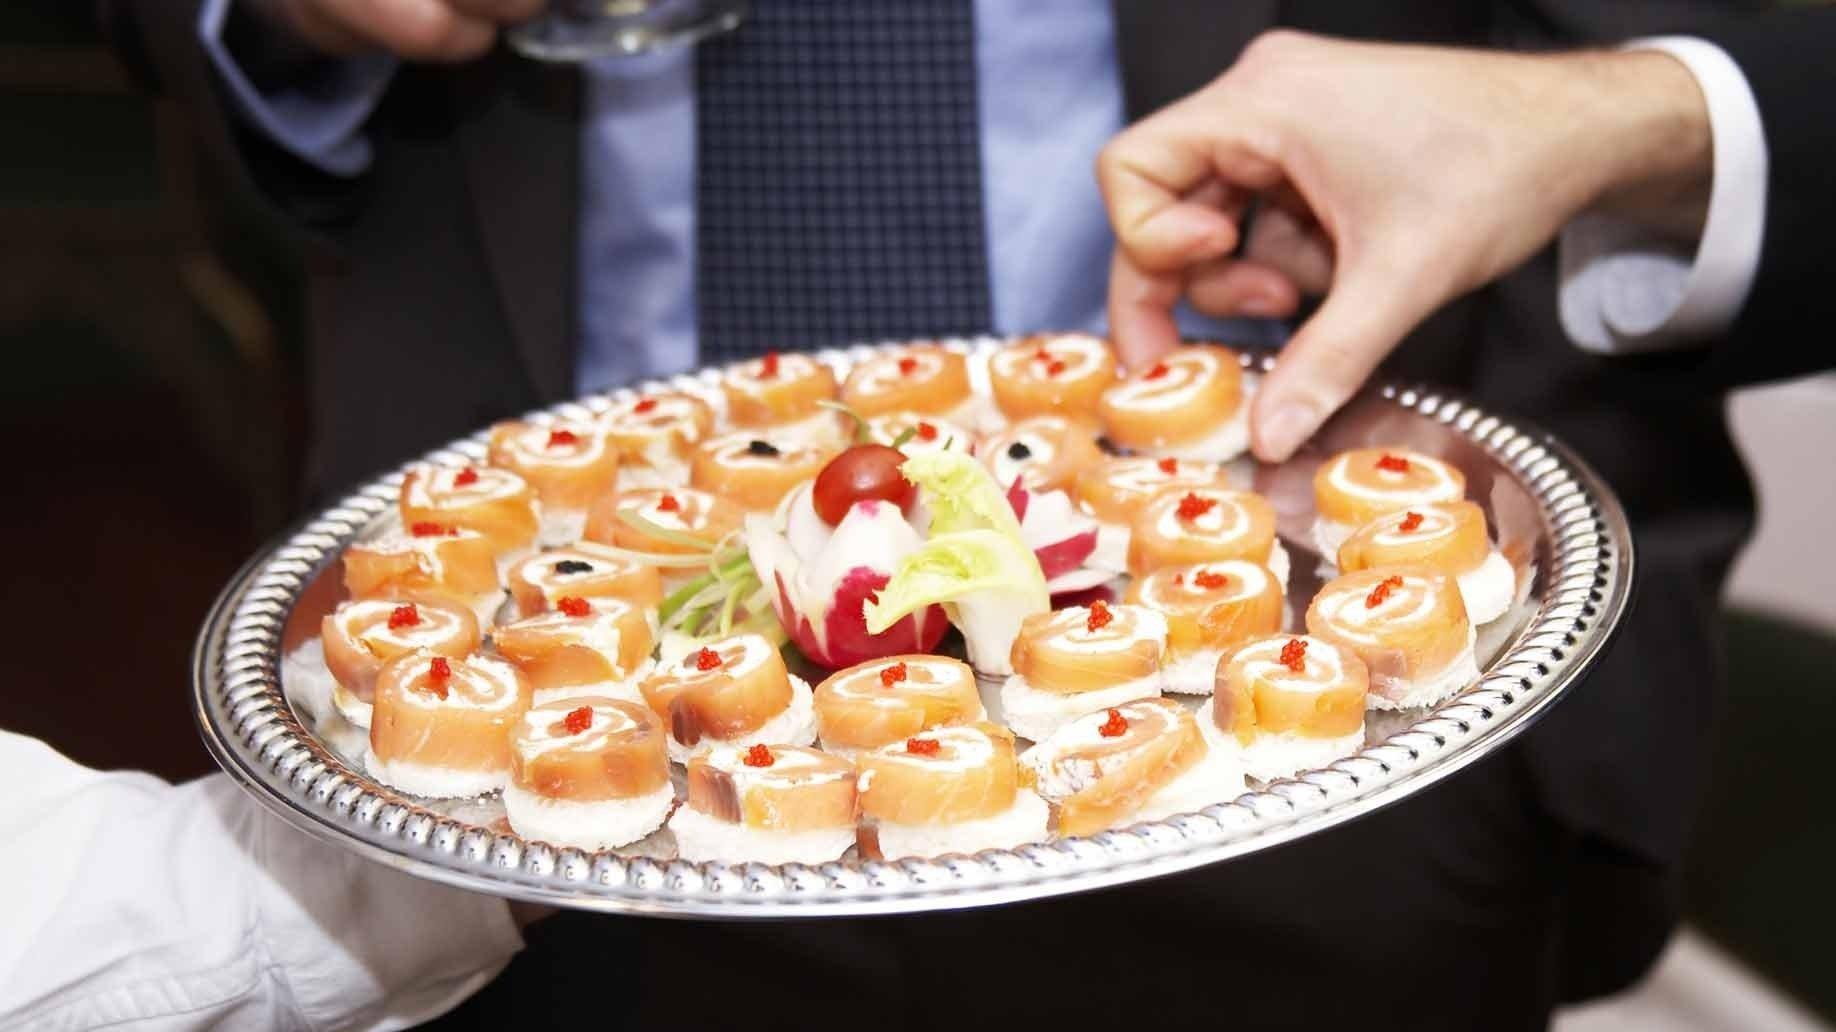 10 Nice Food Ideas For A Wedding 23 cheap wedding reception food drink menu ideas on a budget 6 2021